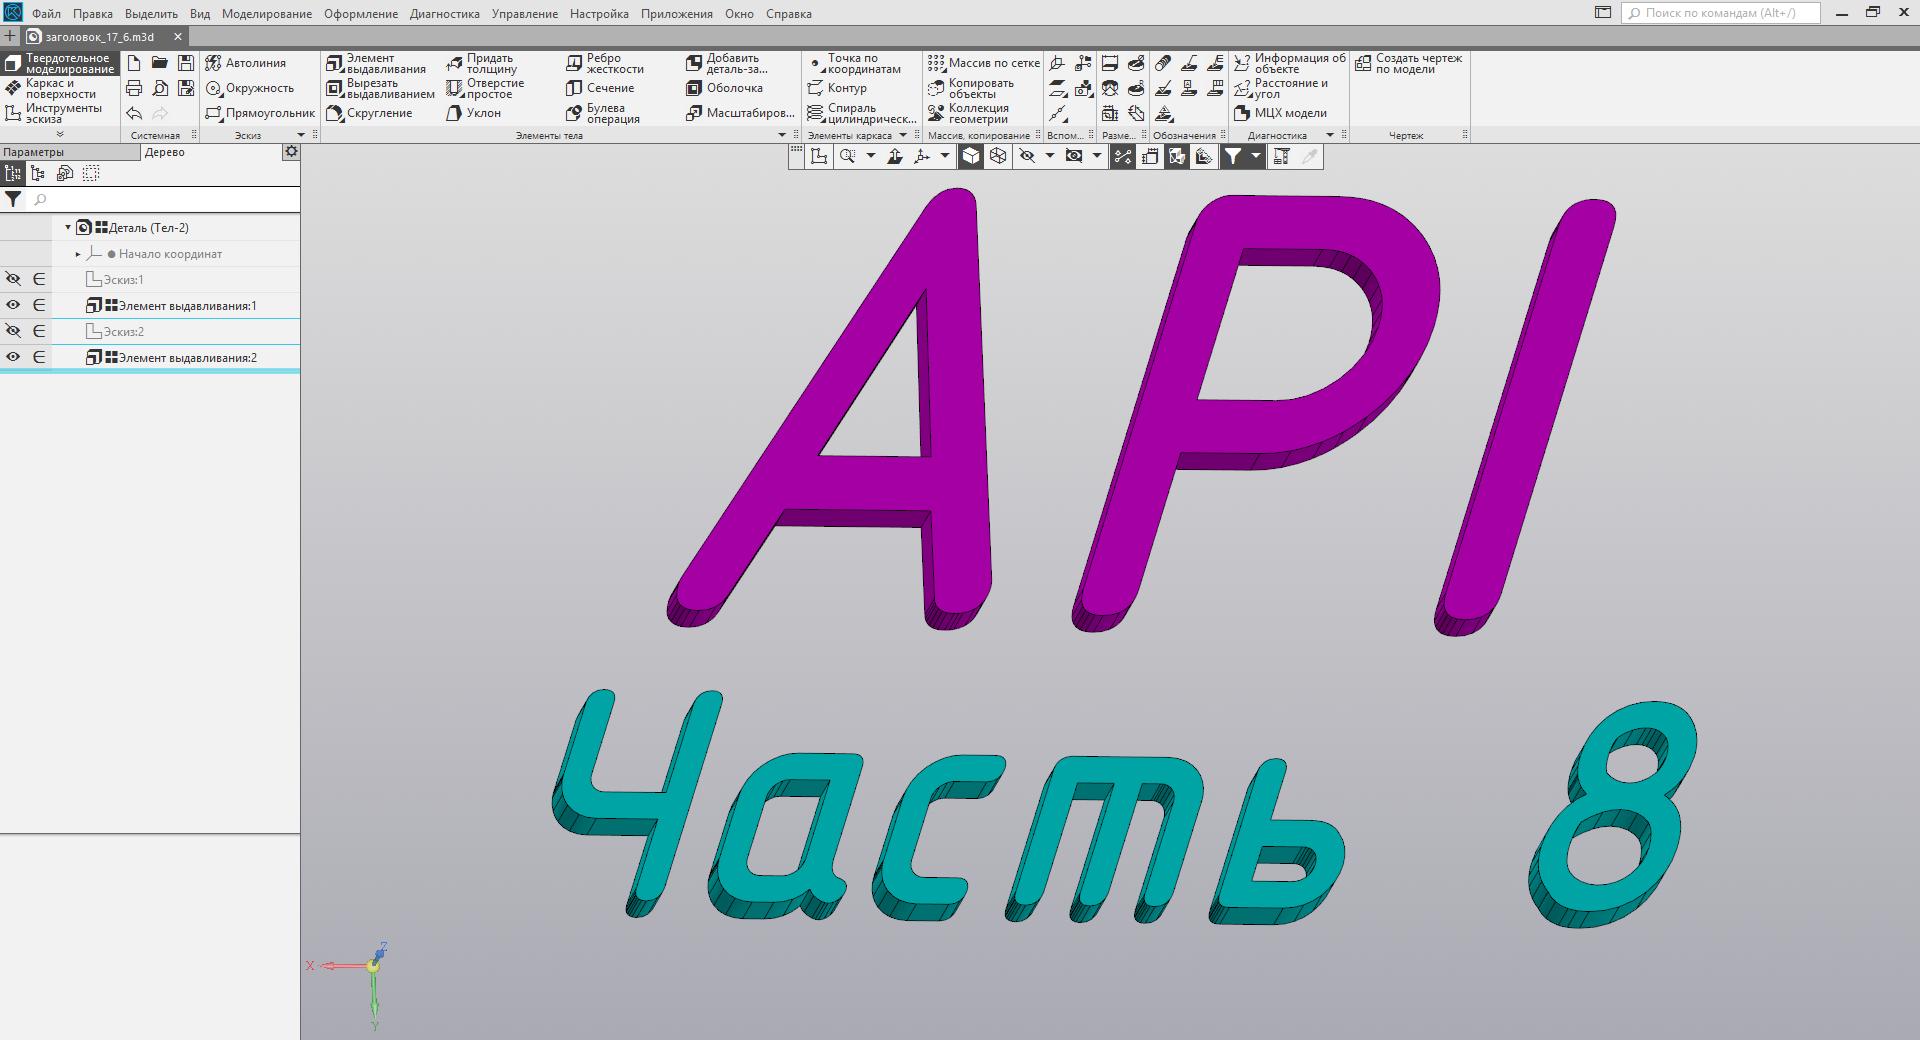 Работа с API КОМПАС-3D -> Урок 8 -> Более сложные методы записи в основную надпись